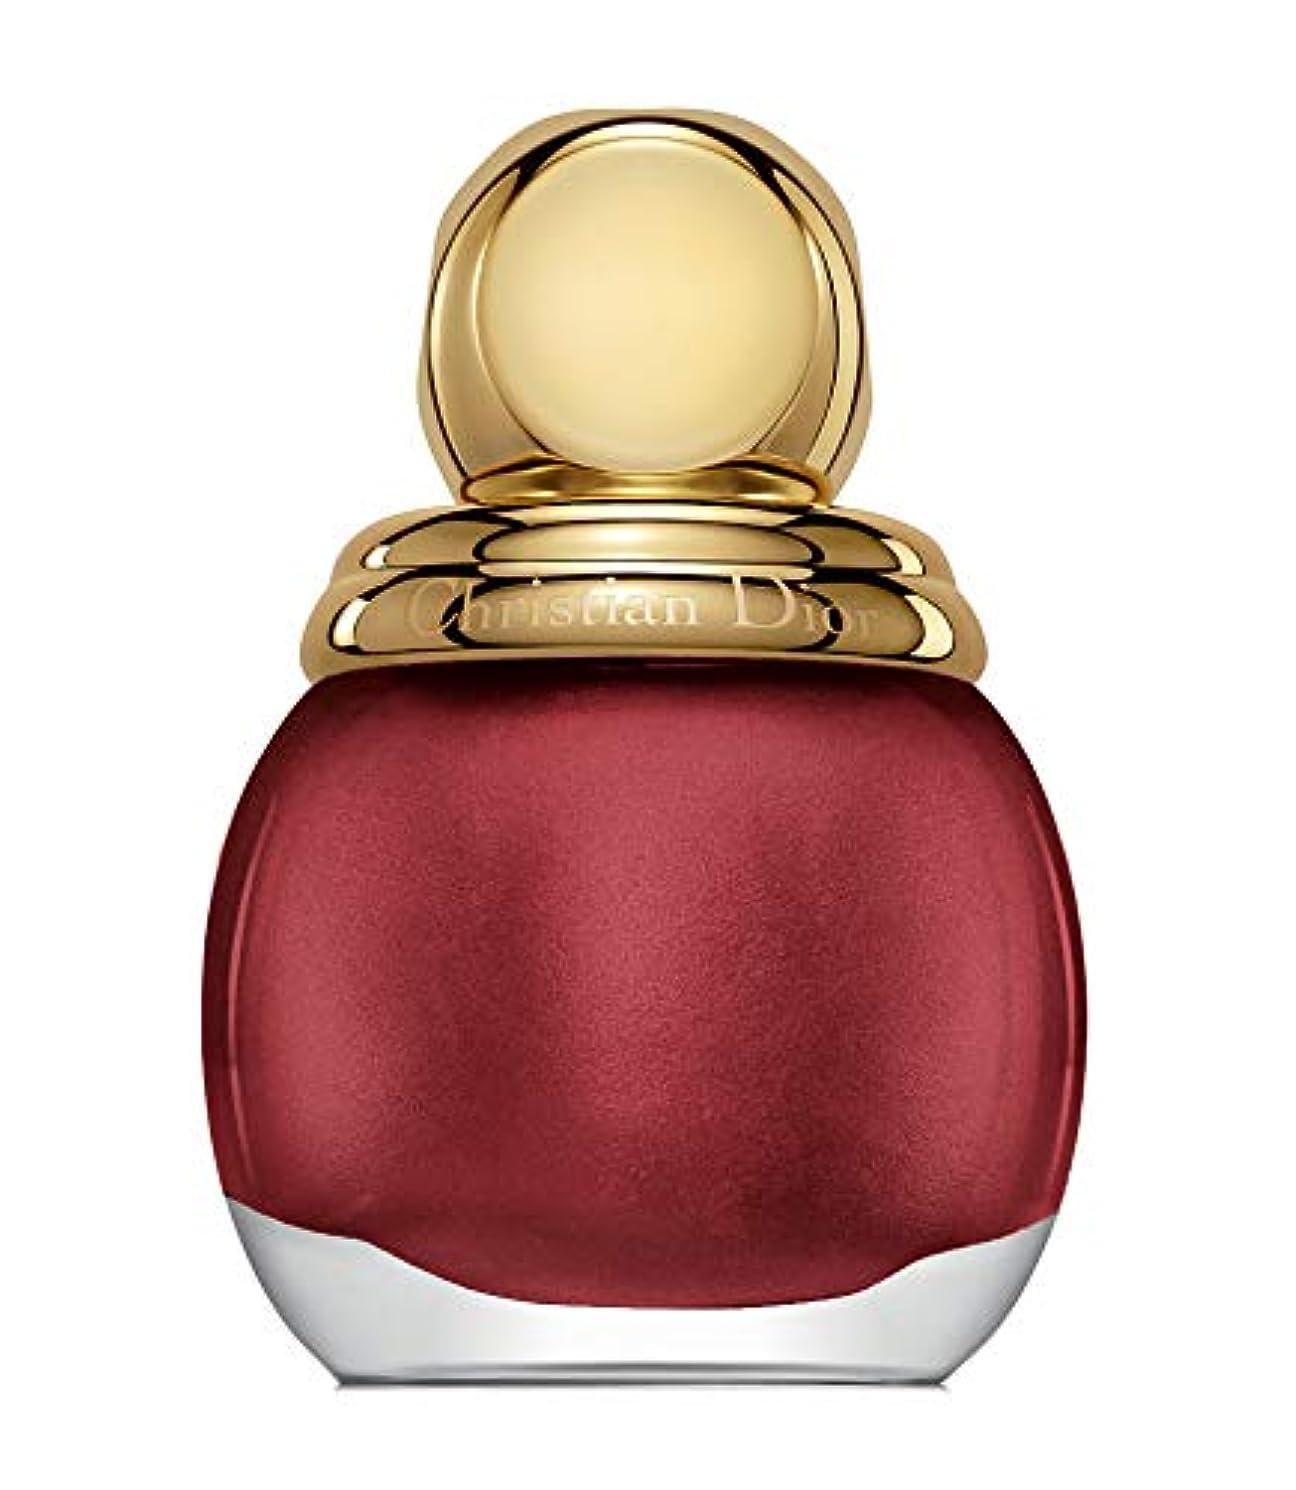 せっかちアンケート花ディオール ヴェルニ ディオリフィック #760 トリオンフ 限定 Dior ネイル ネイルカラー